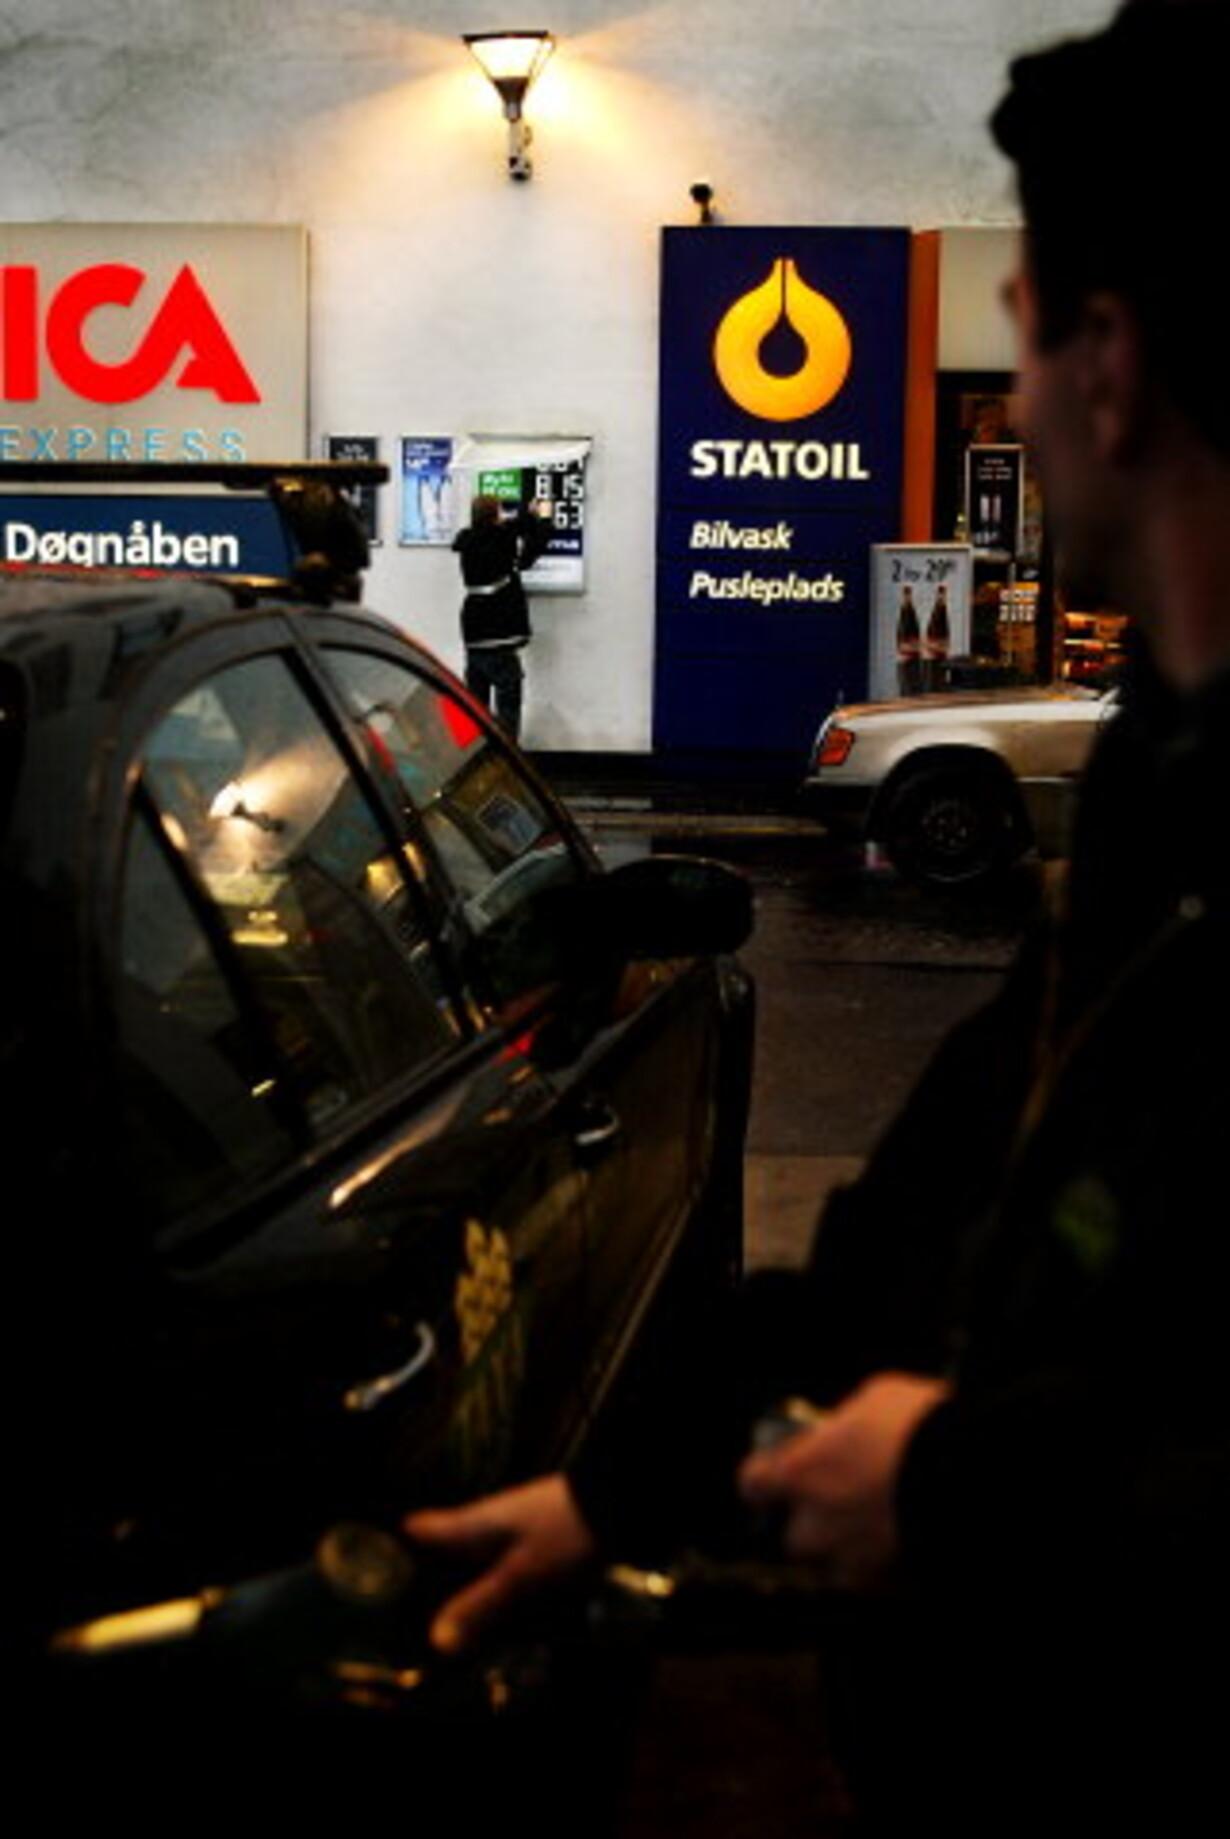 Benzinkrig vil rense ud i branchen - 1